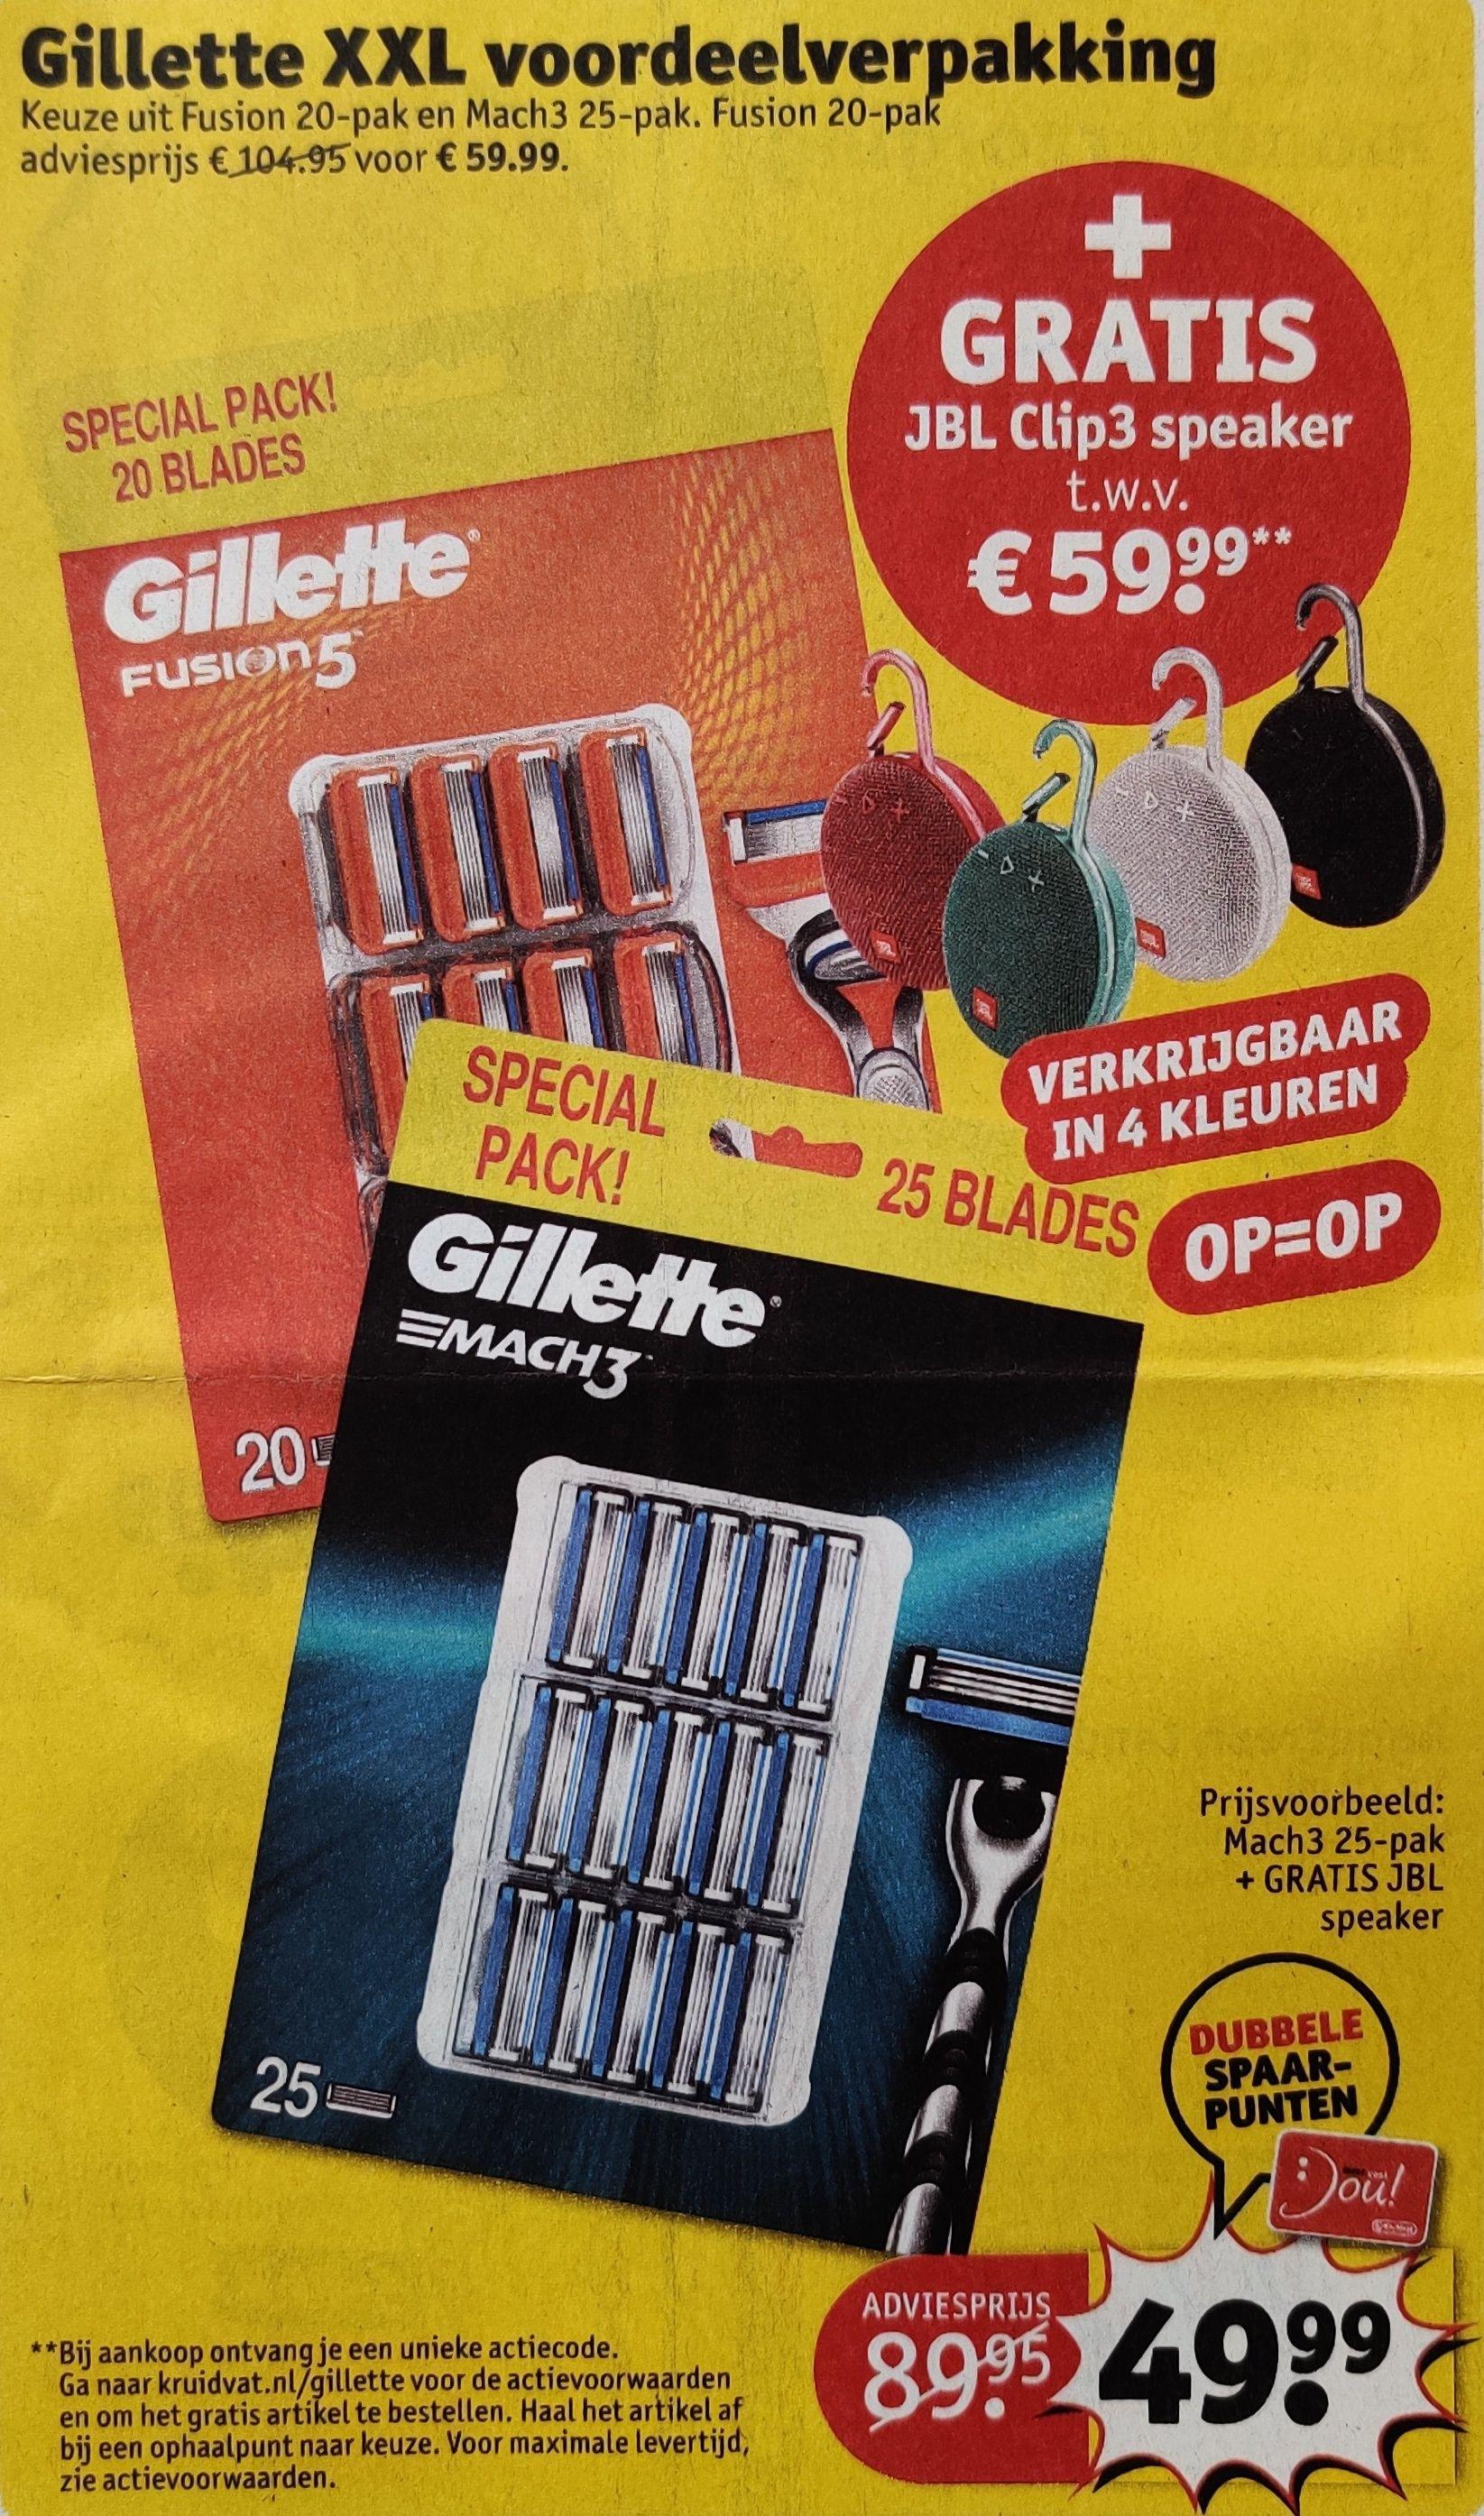 Bij Kruidvat een gratis JBL Clip3 (keuze uit 4 kleuren) bij een Gillette voordeelpak